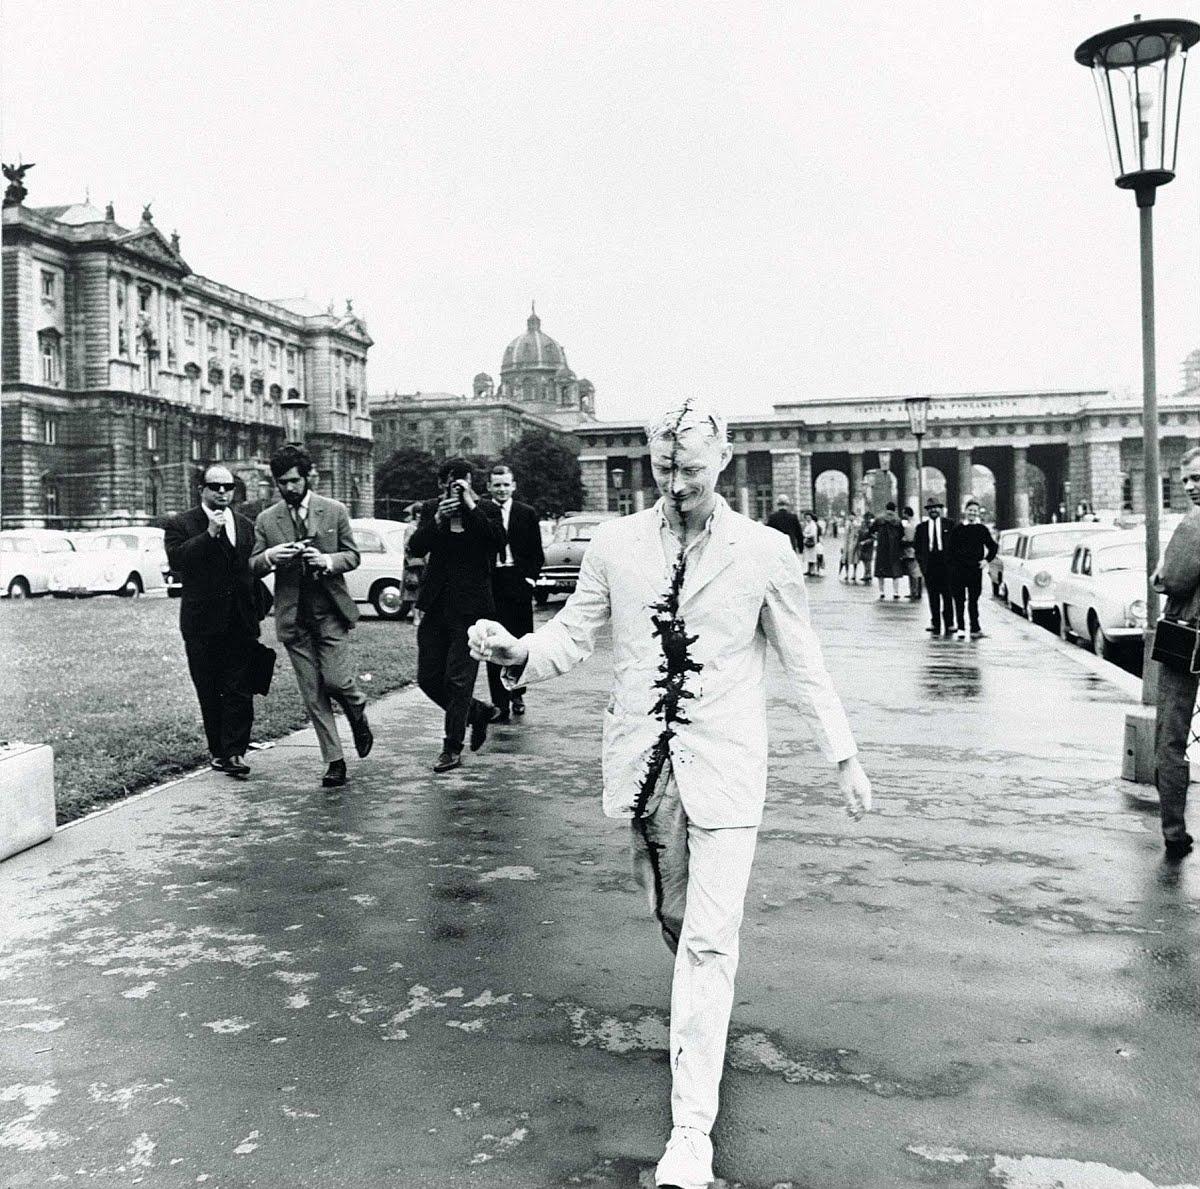 Günter Brus, Wiener Spaziergang (Vienna Walk), 1965